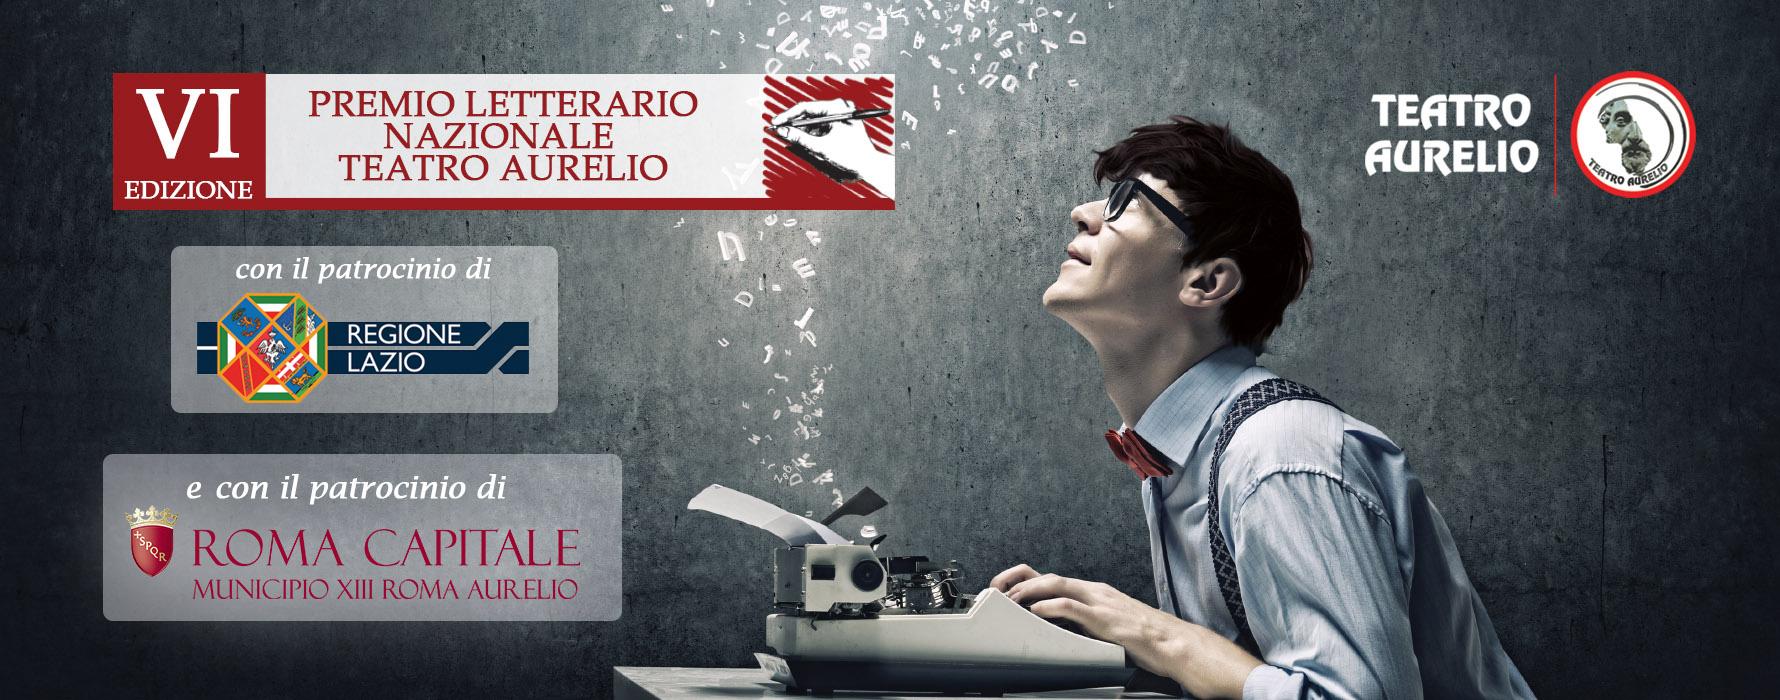 Premio letterario del Teatro Aurelio VI Edizione